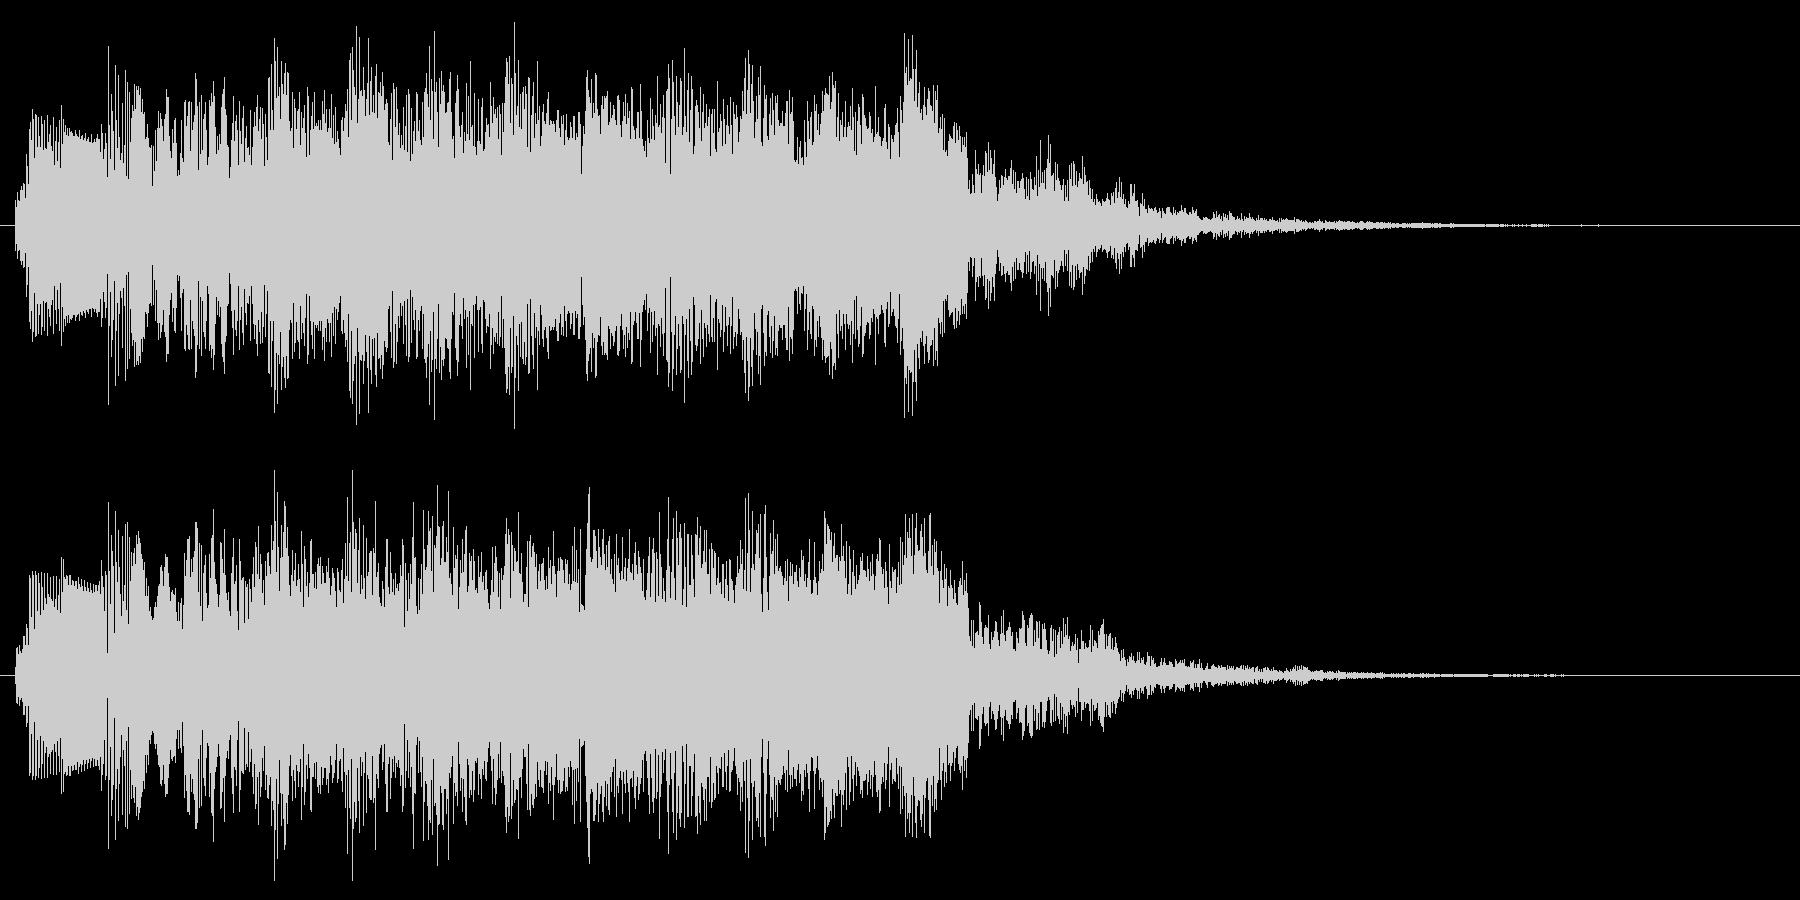 変な音 不思議な音のパワーアップ音の未再生の波形